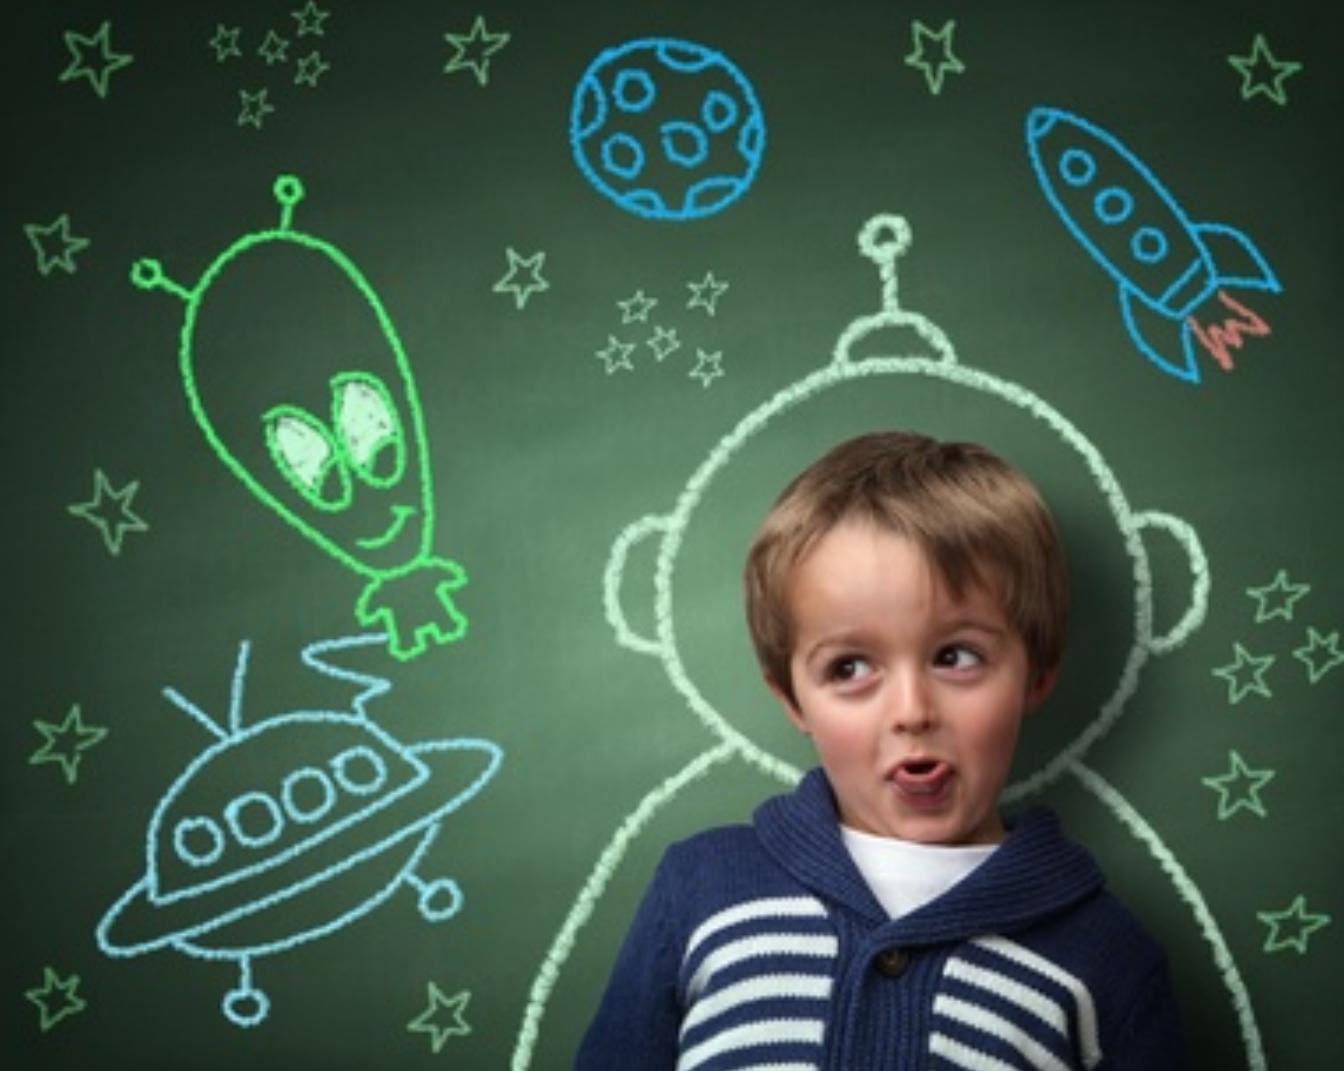 Développer ses capacités de concentration et d'attention  (de 7 à 12 ans)